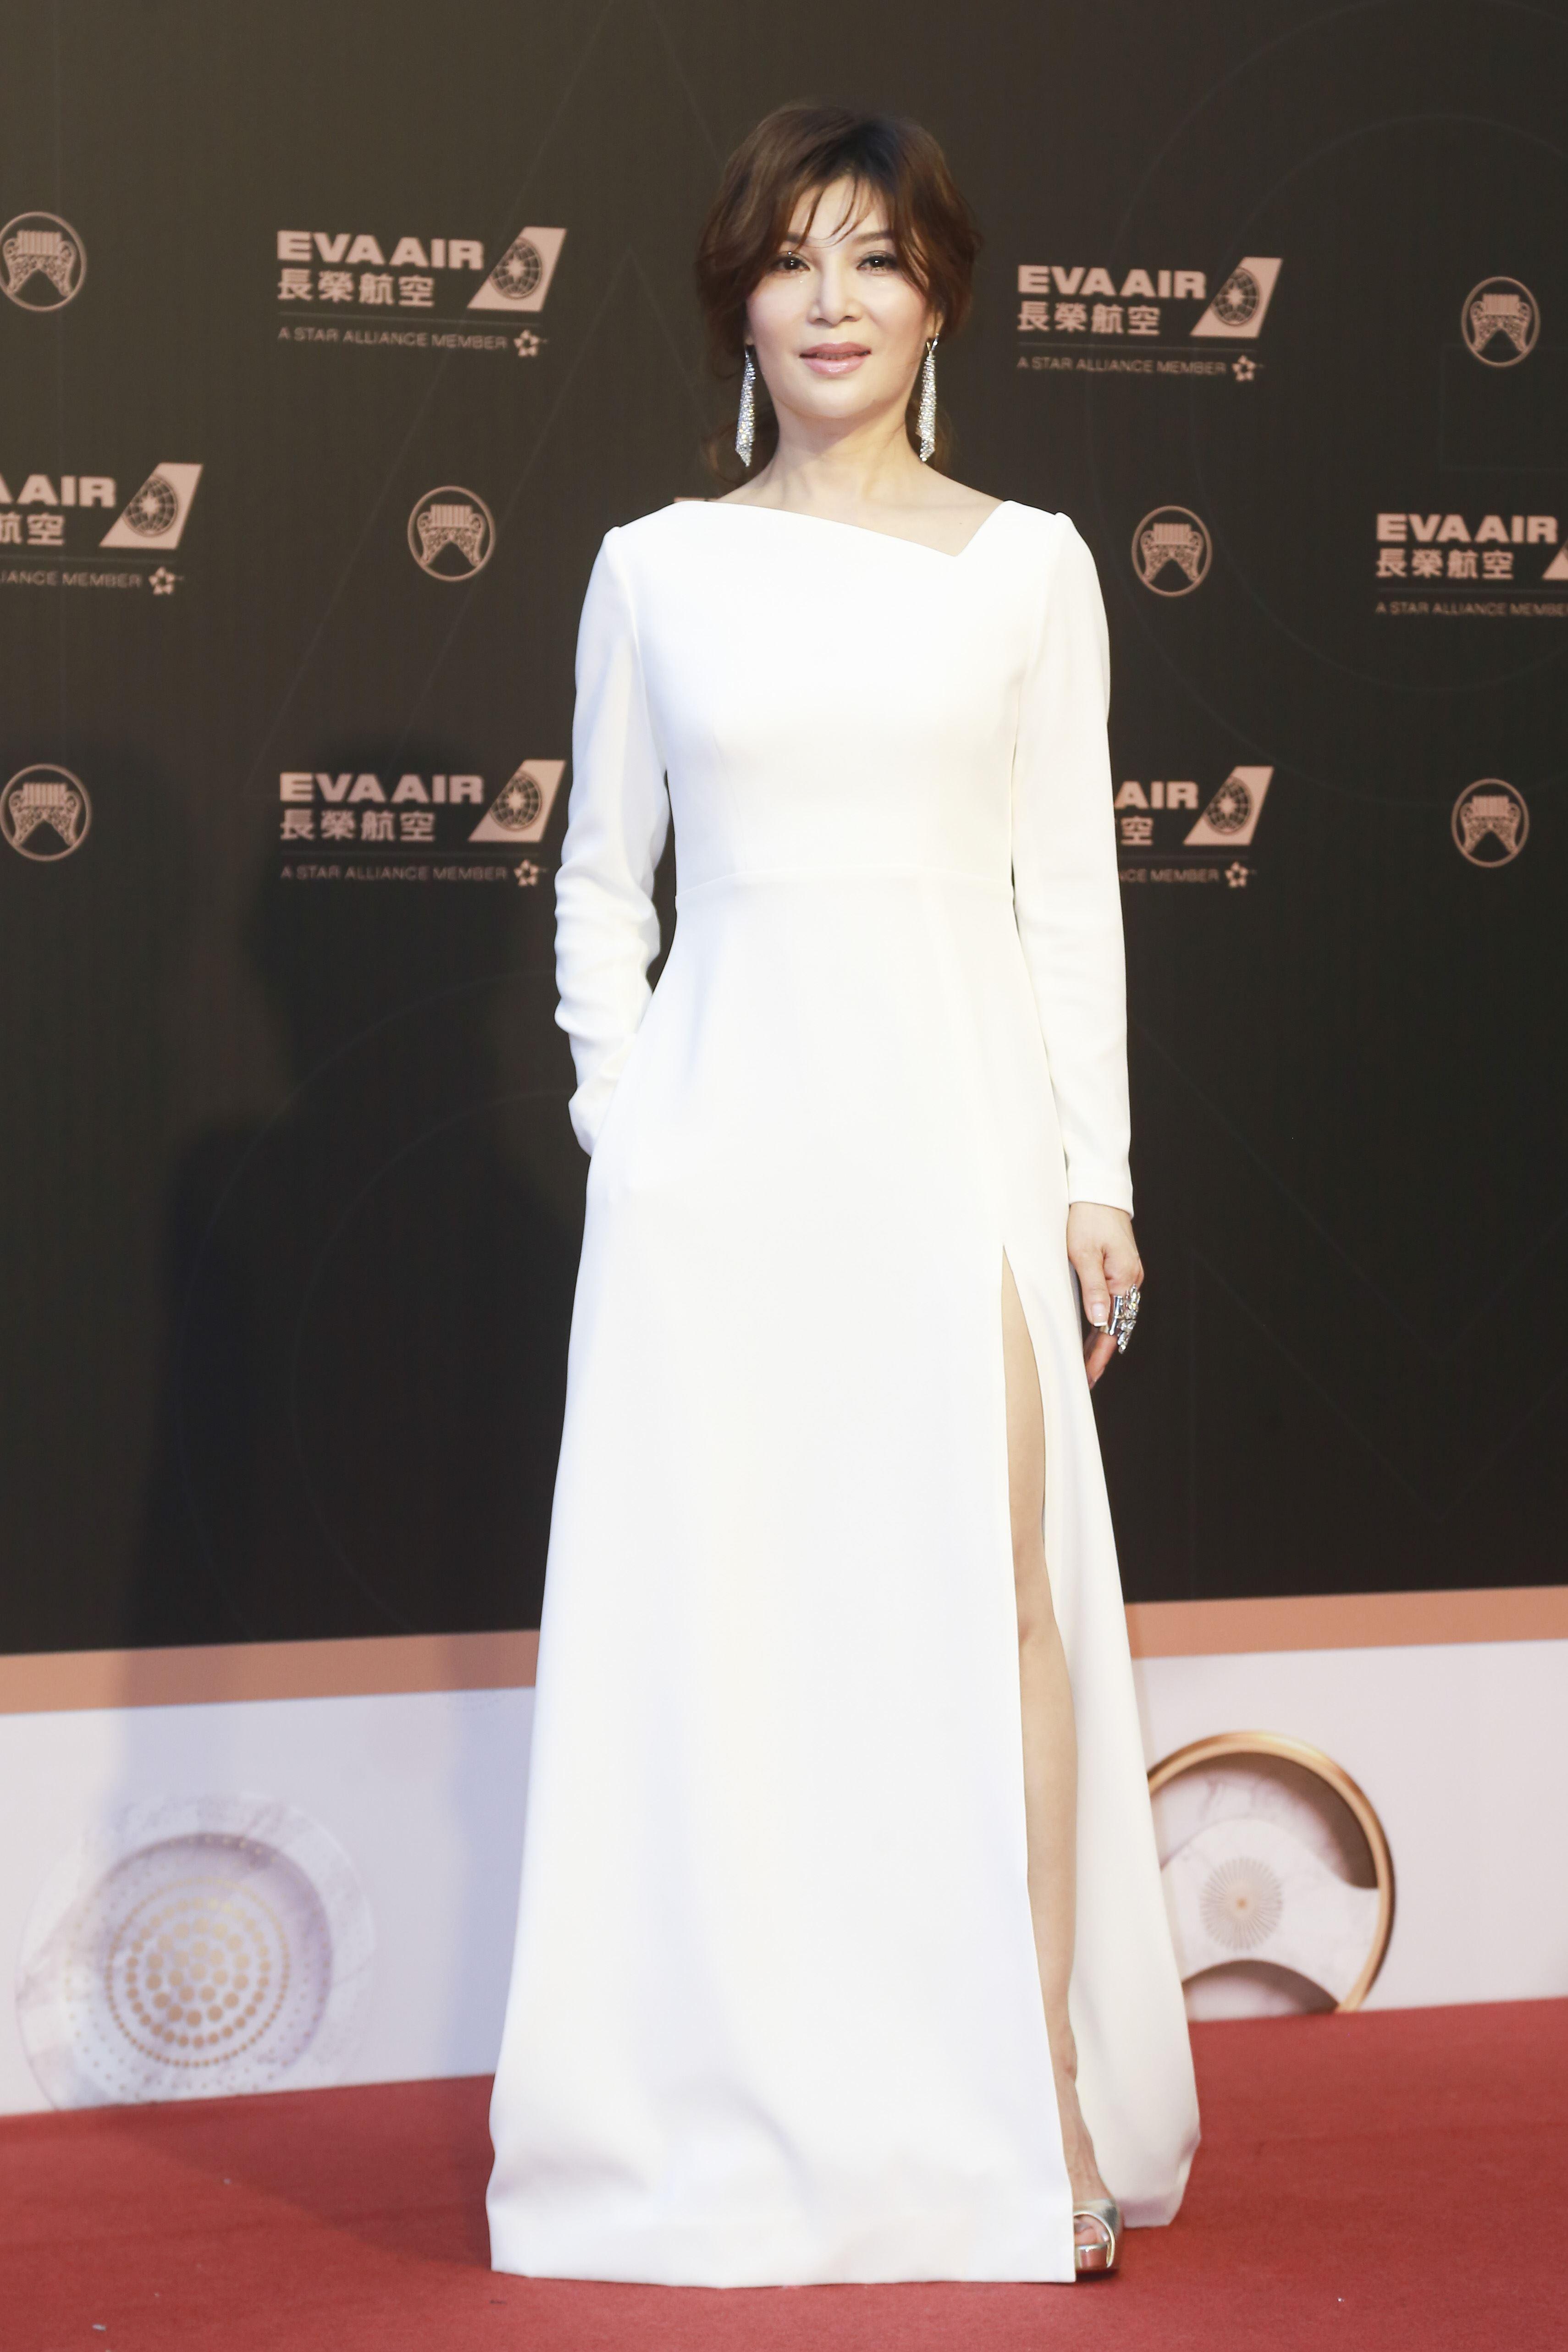 第30屆金曲獎星光大道,蔡秋鳳。(記者邱榮吉、林士傑/攝影)